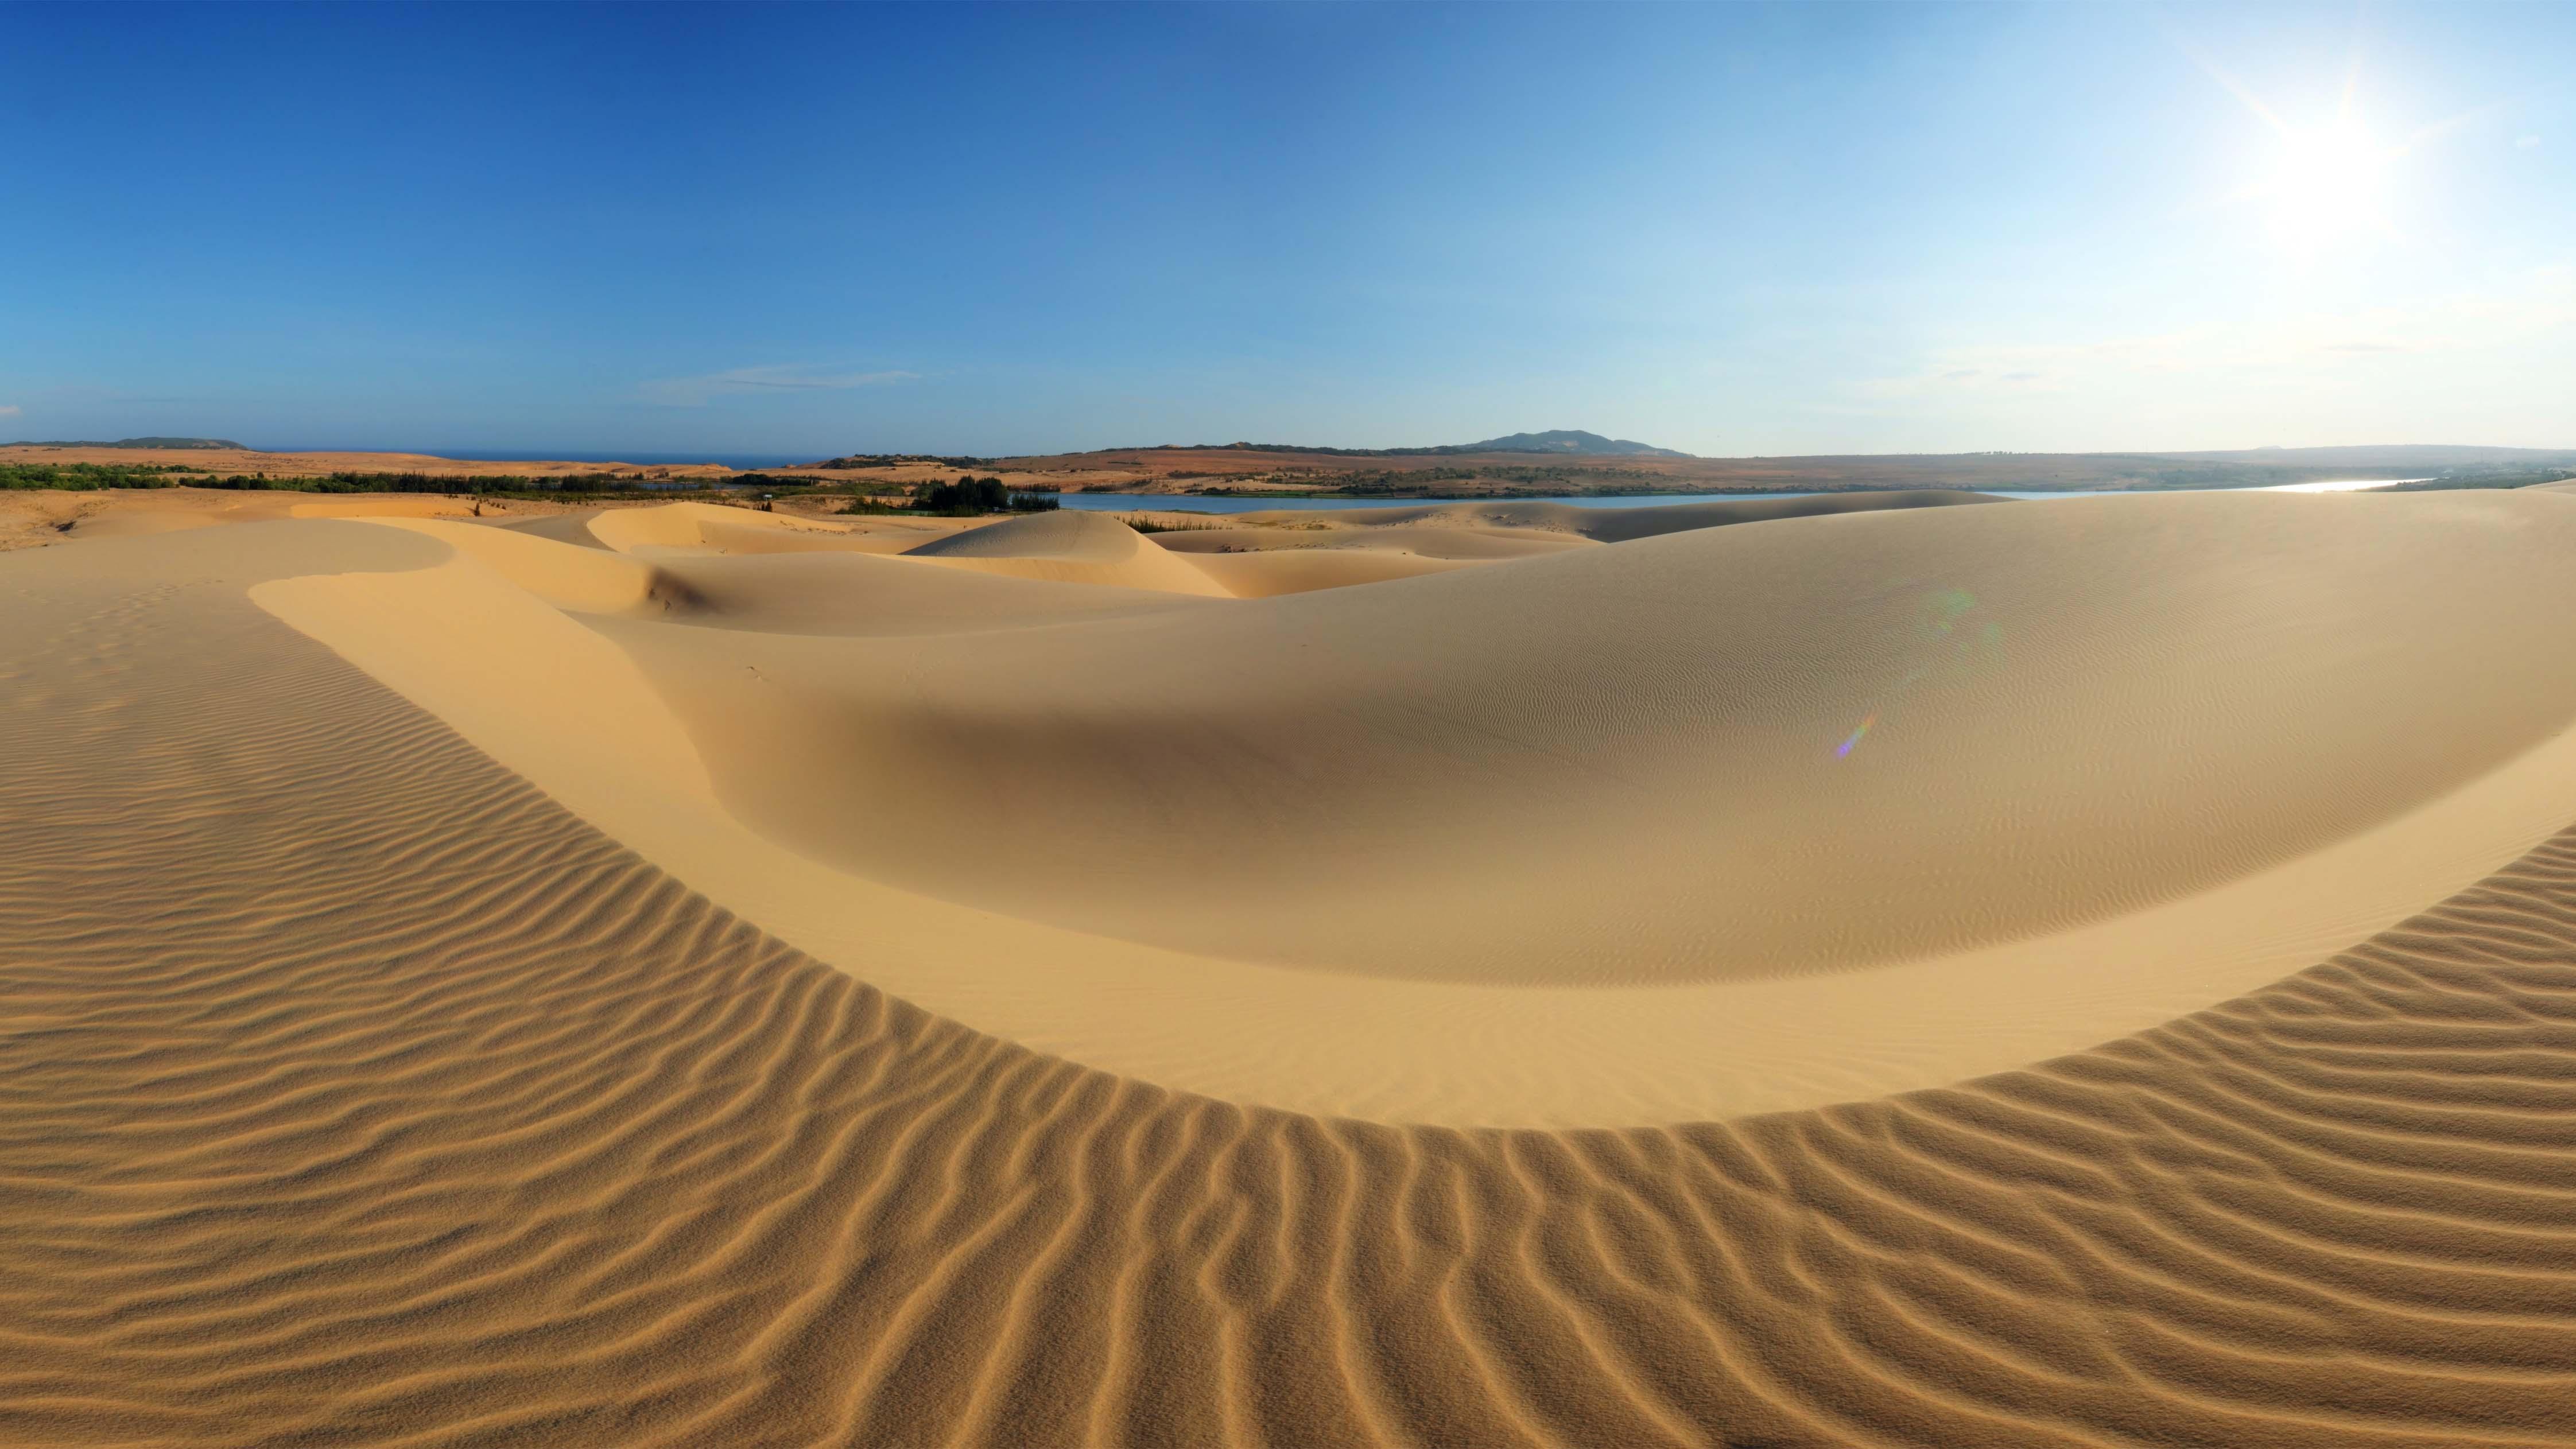 Cồn cát du lịch - Đồi cát Bình Thuận